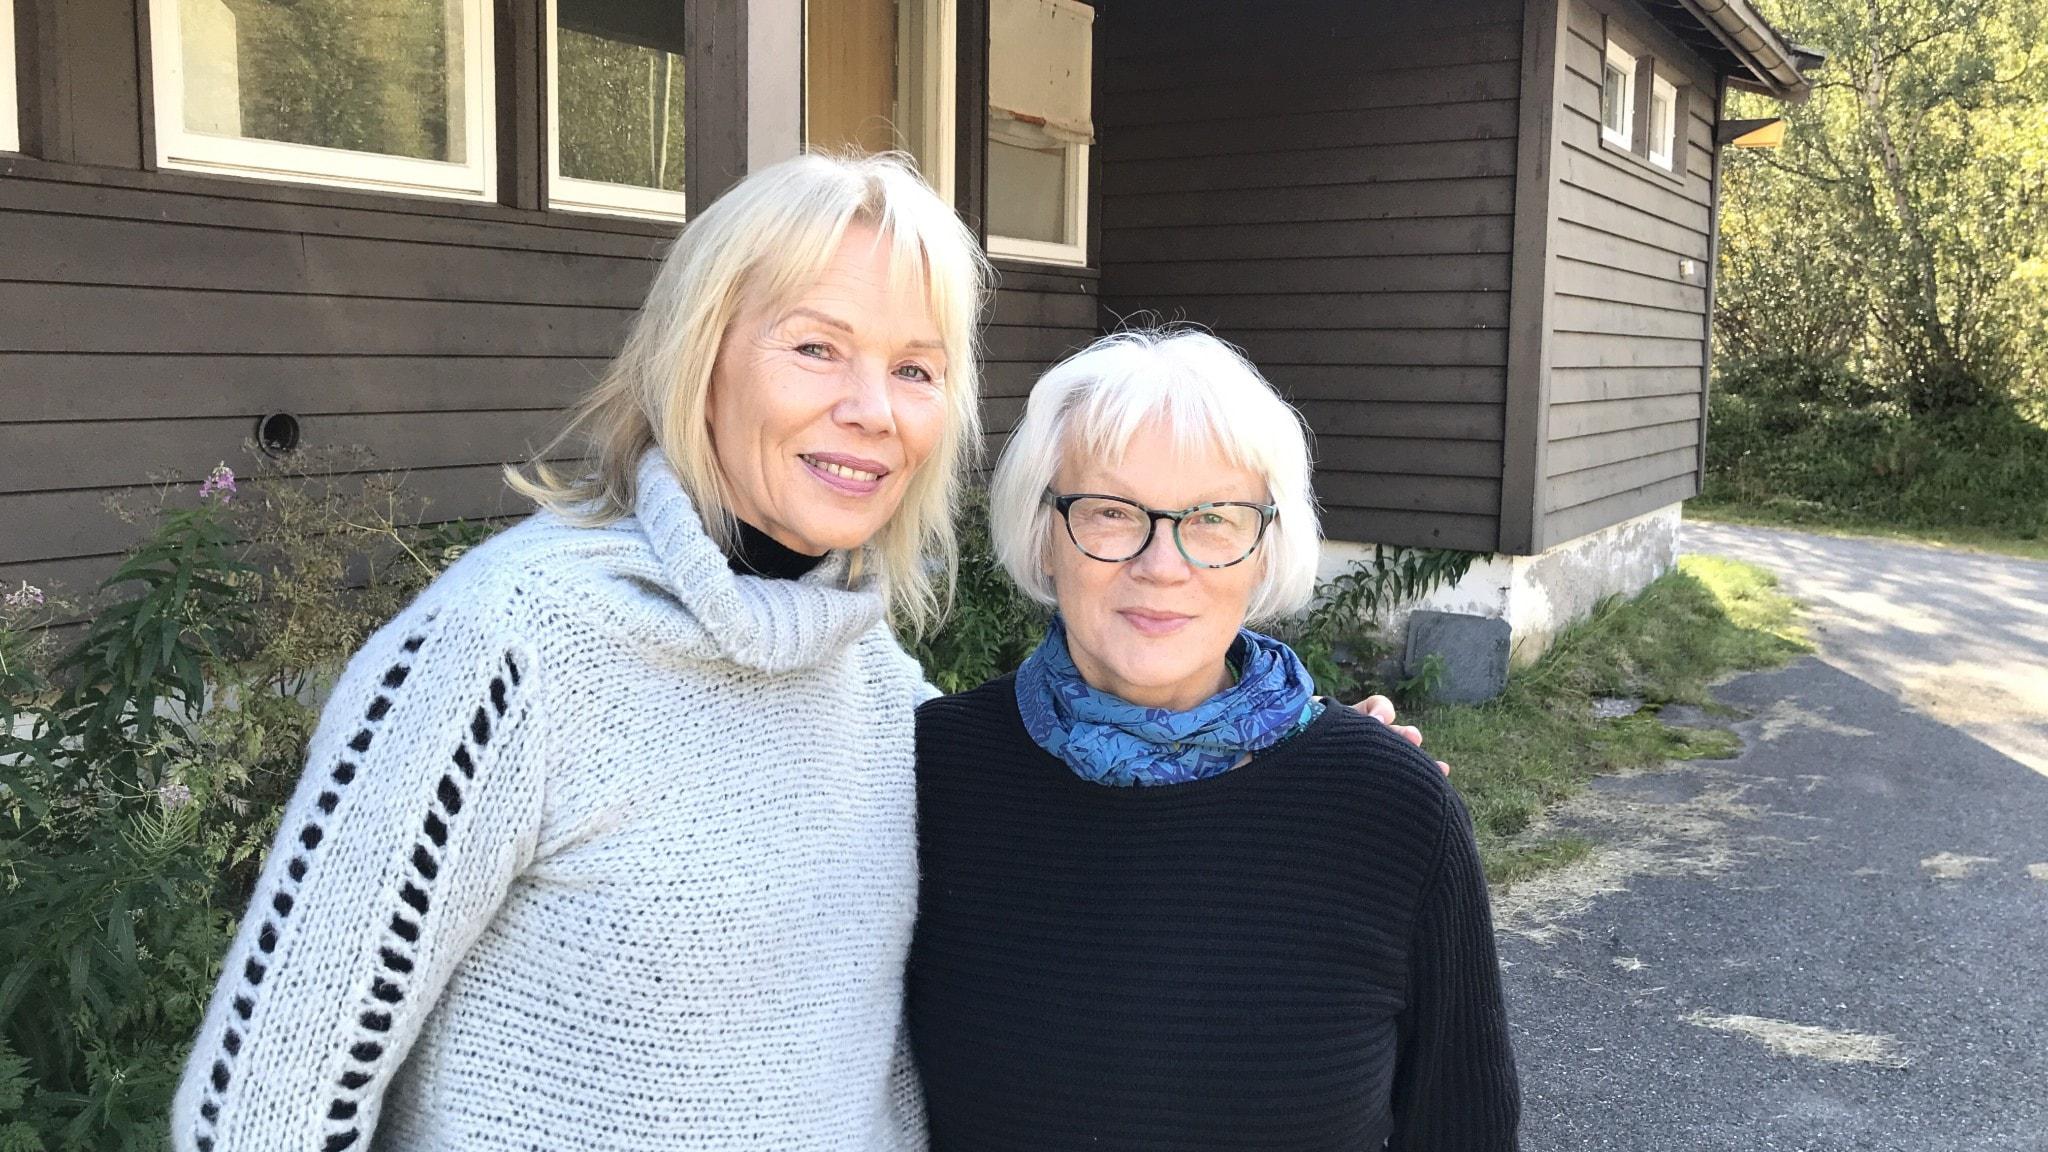 Synnöve Persen och Britta Marakatt-Labba utanför huset där Mázegruppen bildades.